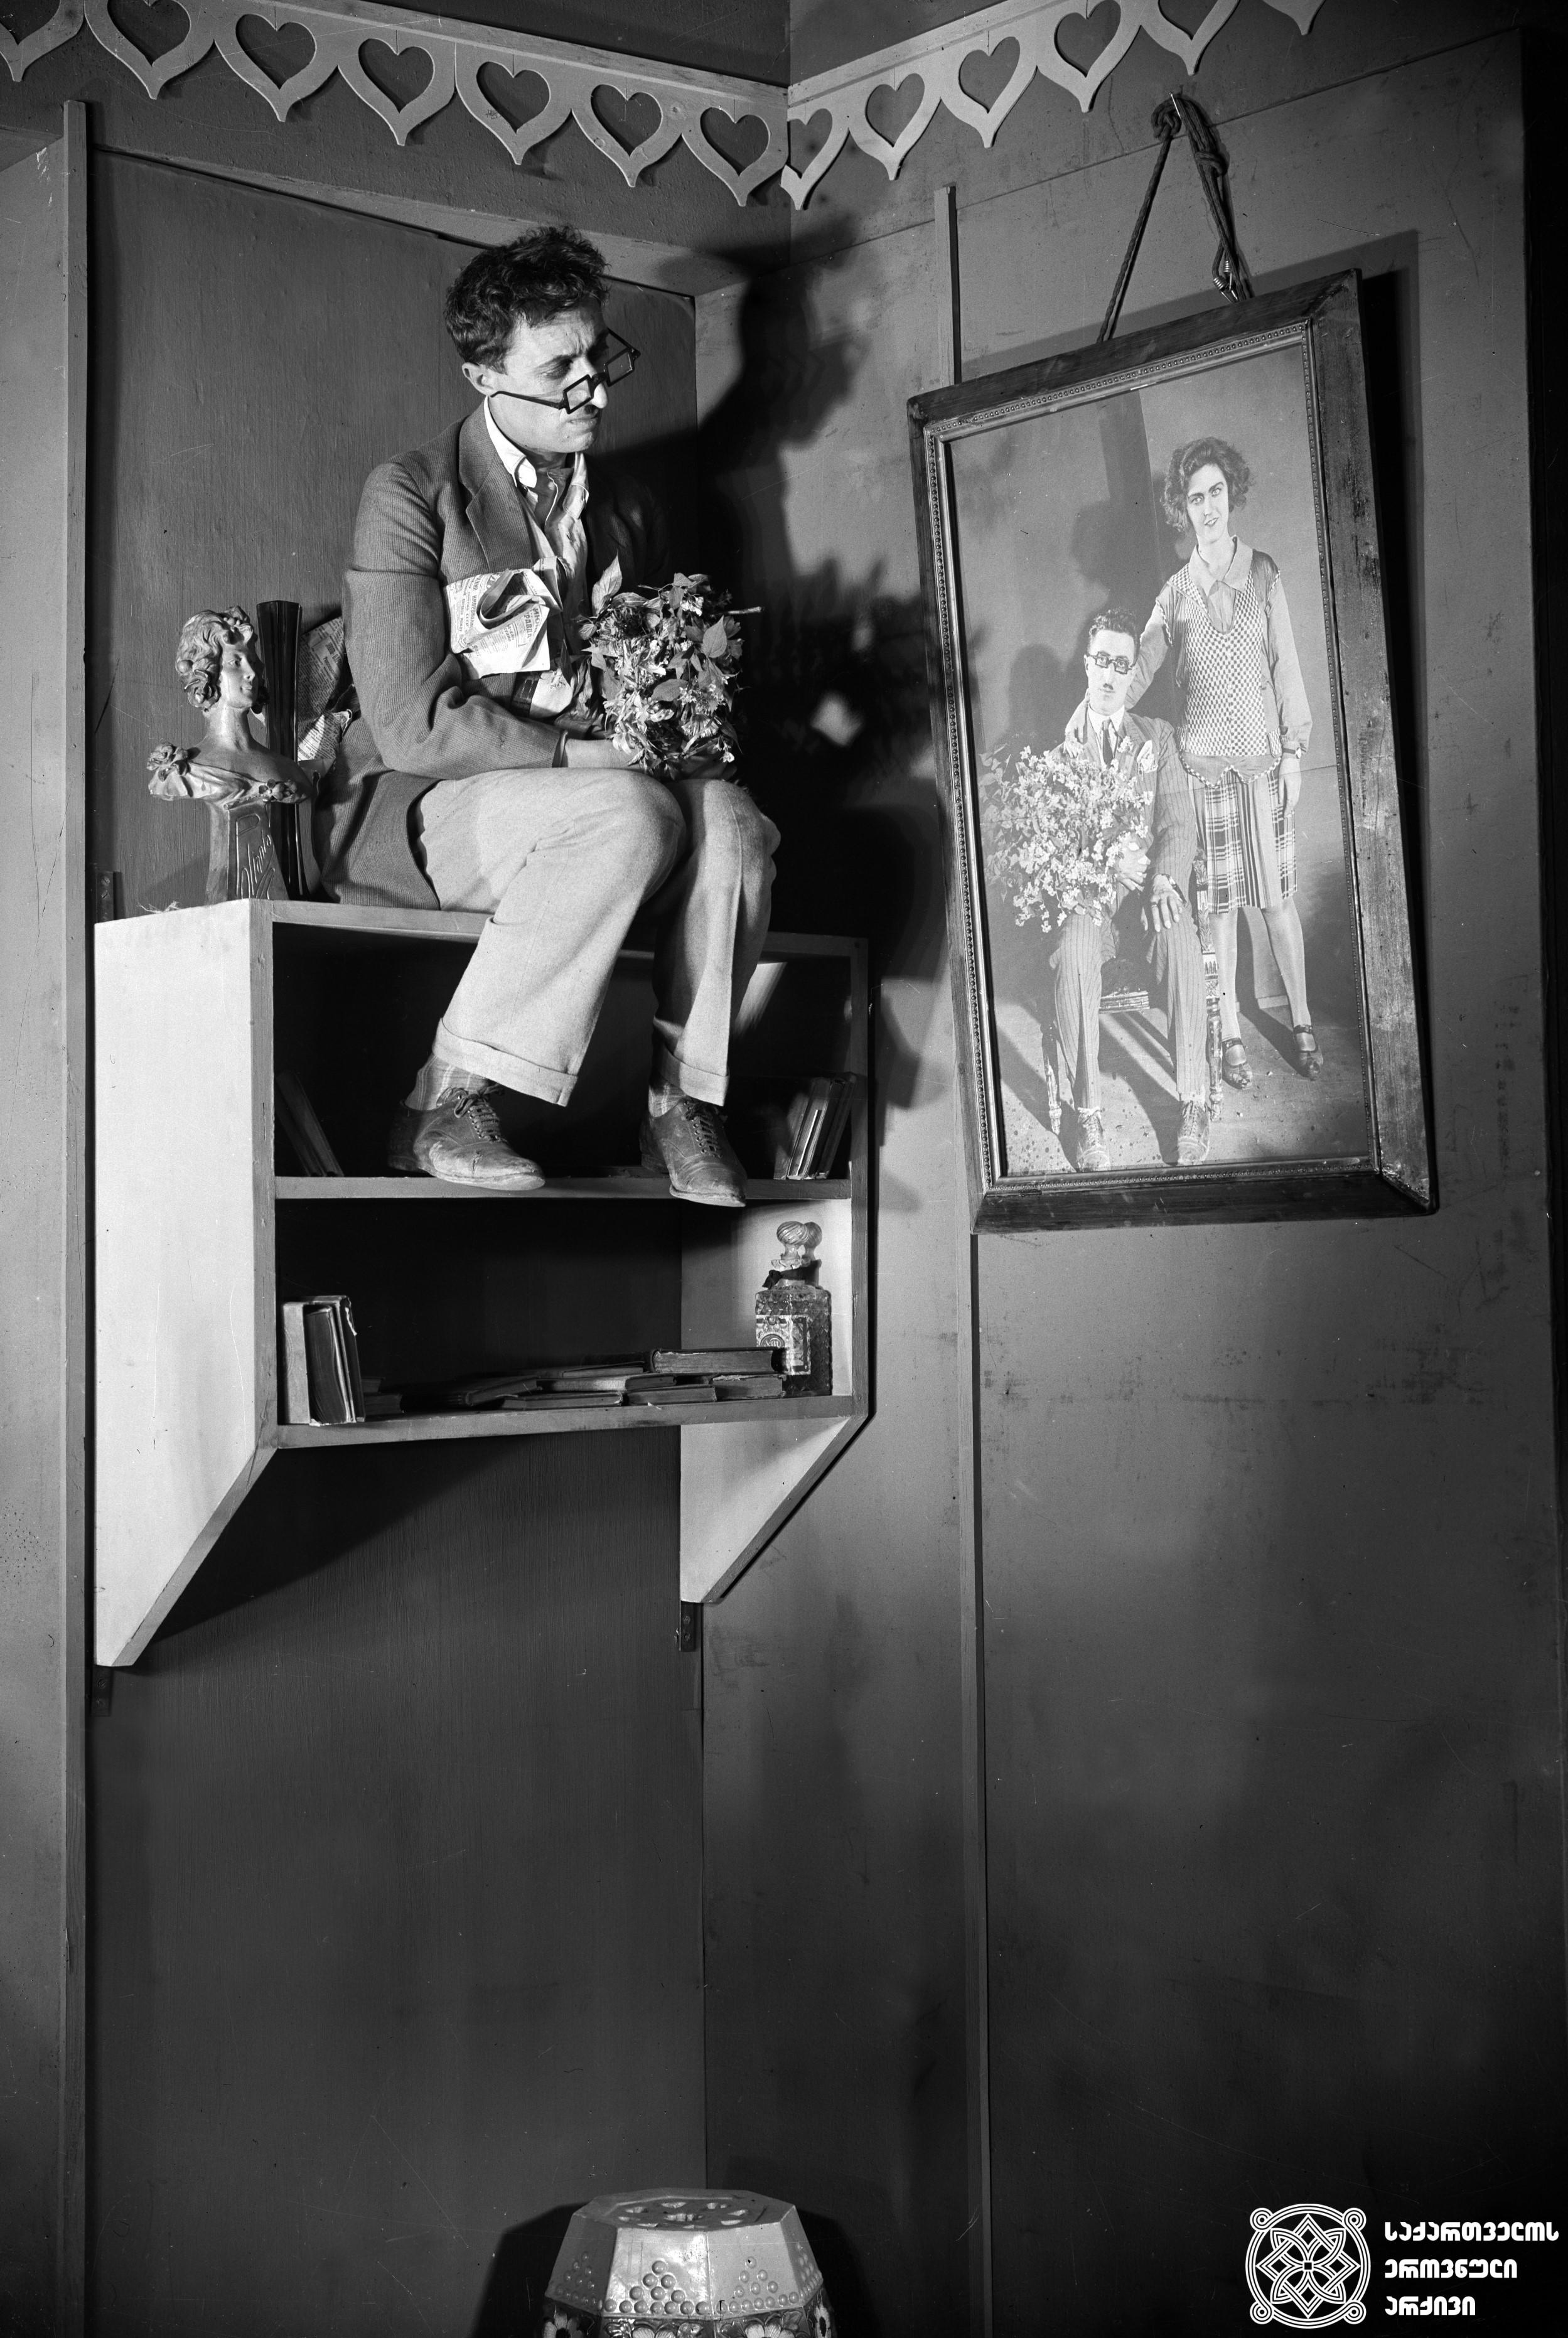 """მხატვრული ფილმი """"ჩემი ბებია"""", მსახიობი ალექსანდრე თაყაიშვილი გადასაღებ მოედანზე.  <br>რეჟისორი: კოტე მიქაბერიძე, 1929  <br> Feature film """"My Grandmother"""", actor Aleksandre Takaishvili on the filming location.  <br>Director: Kote Mikaberidze, 1929"""